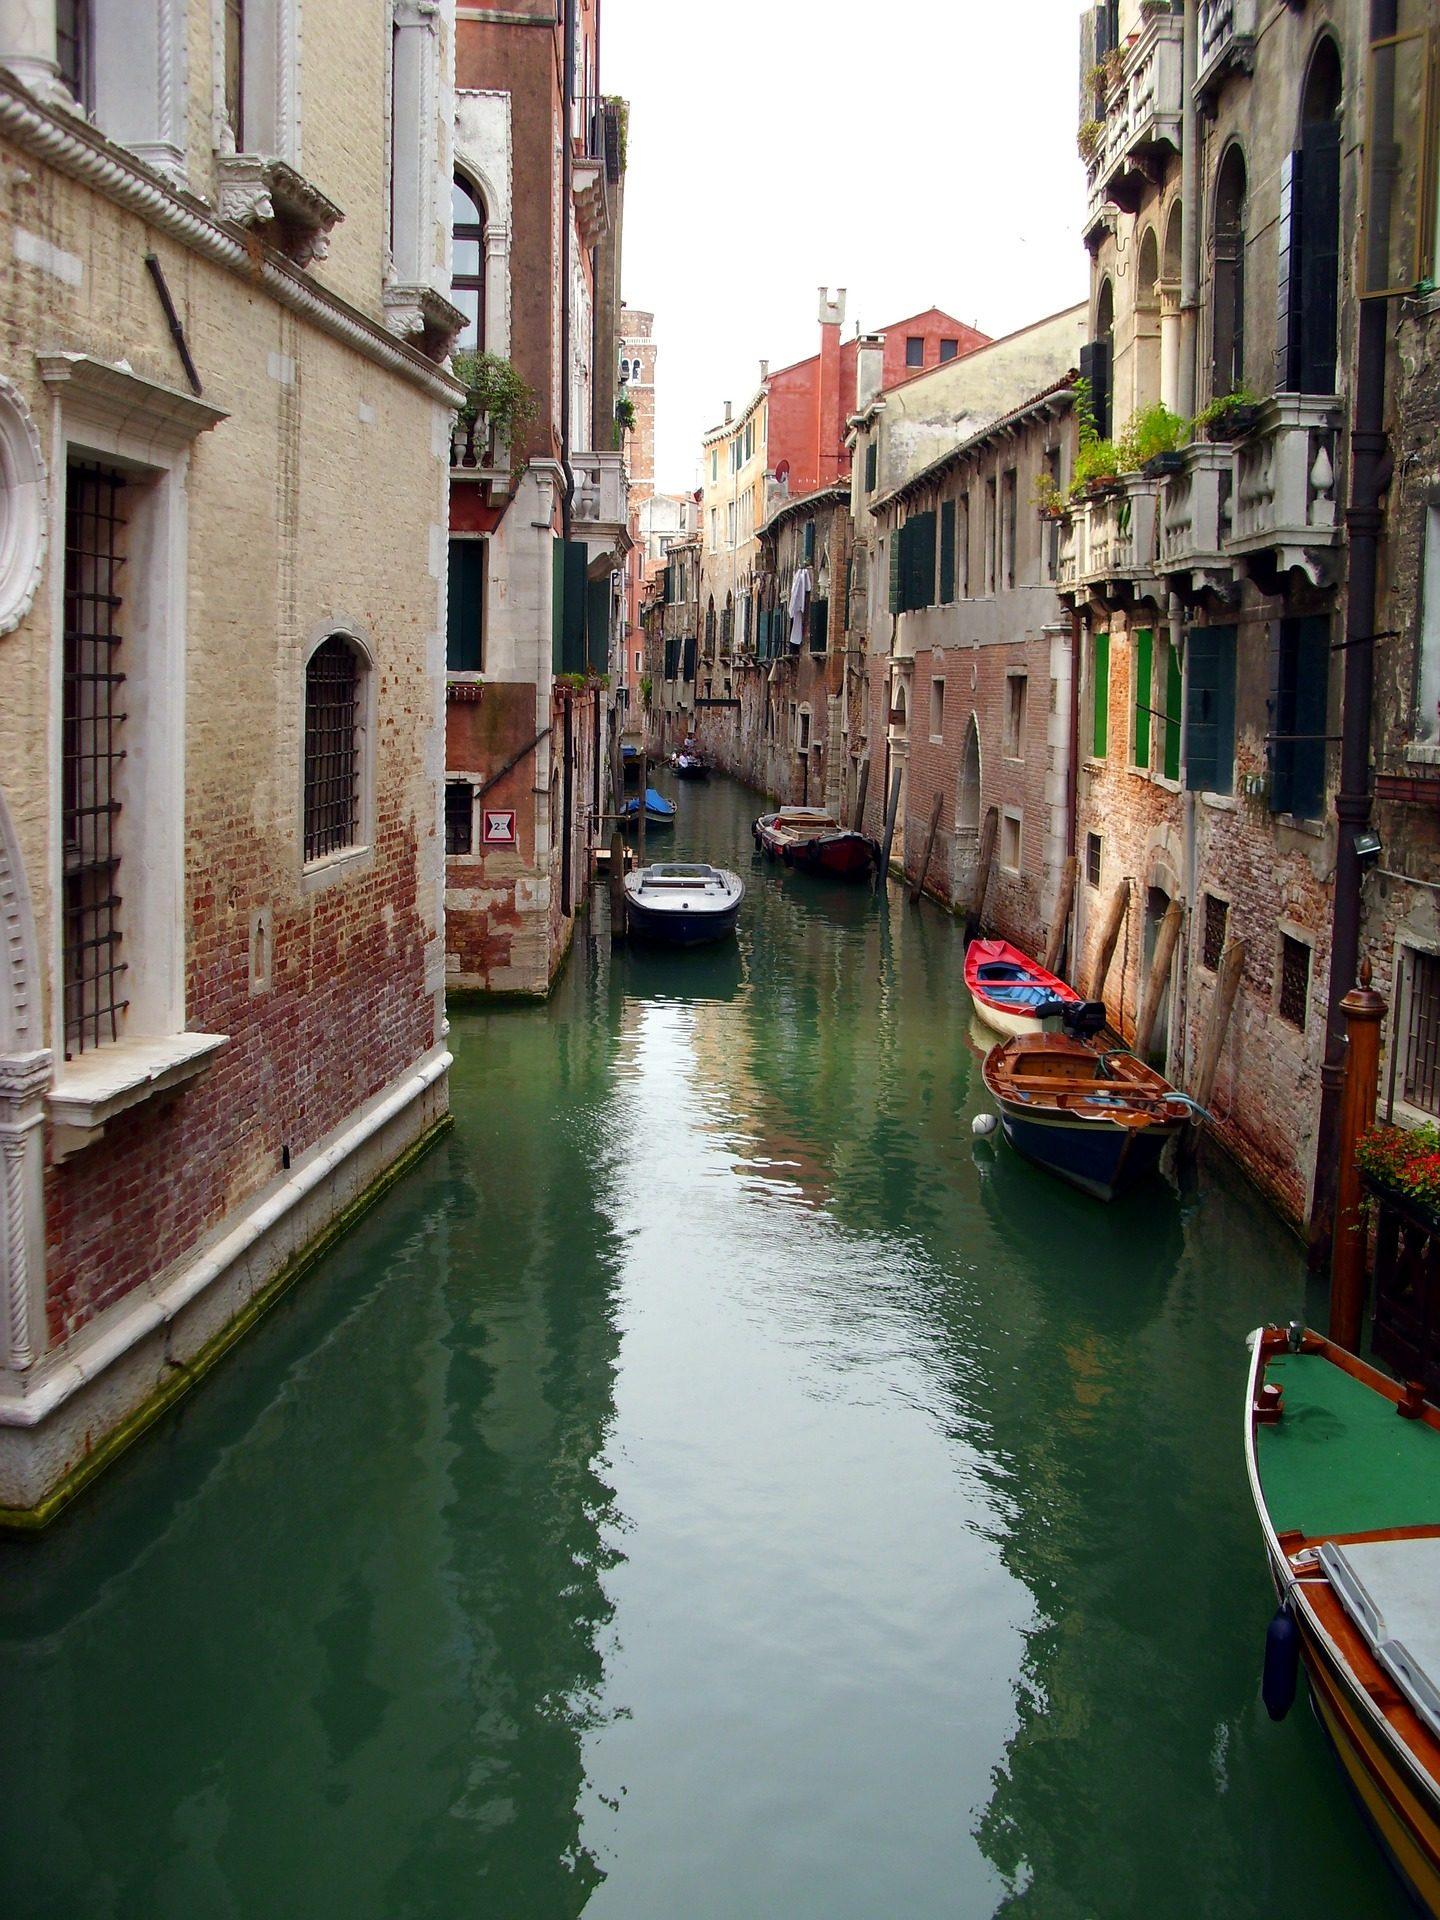 चैनल, नौकाओं, पानी, वेनिस, इटली - HD वॉलपेपर - प्रोफेसर-falken.com